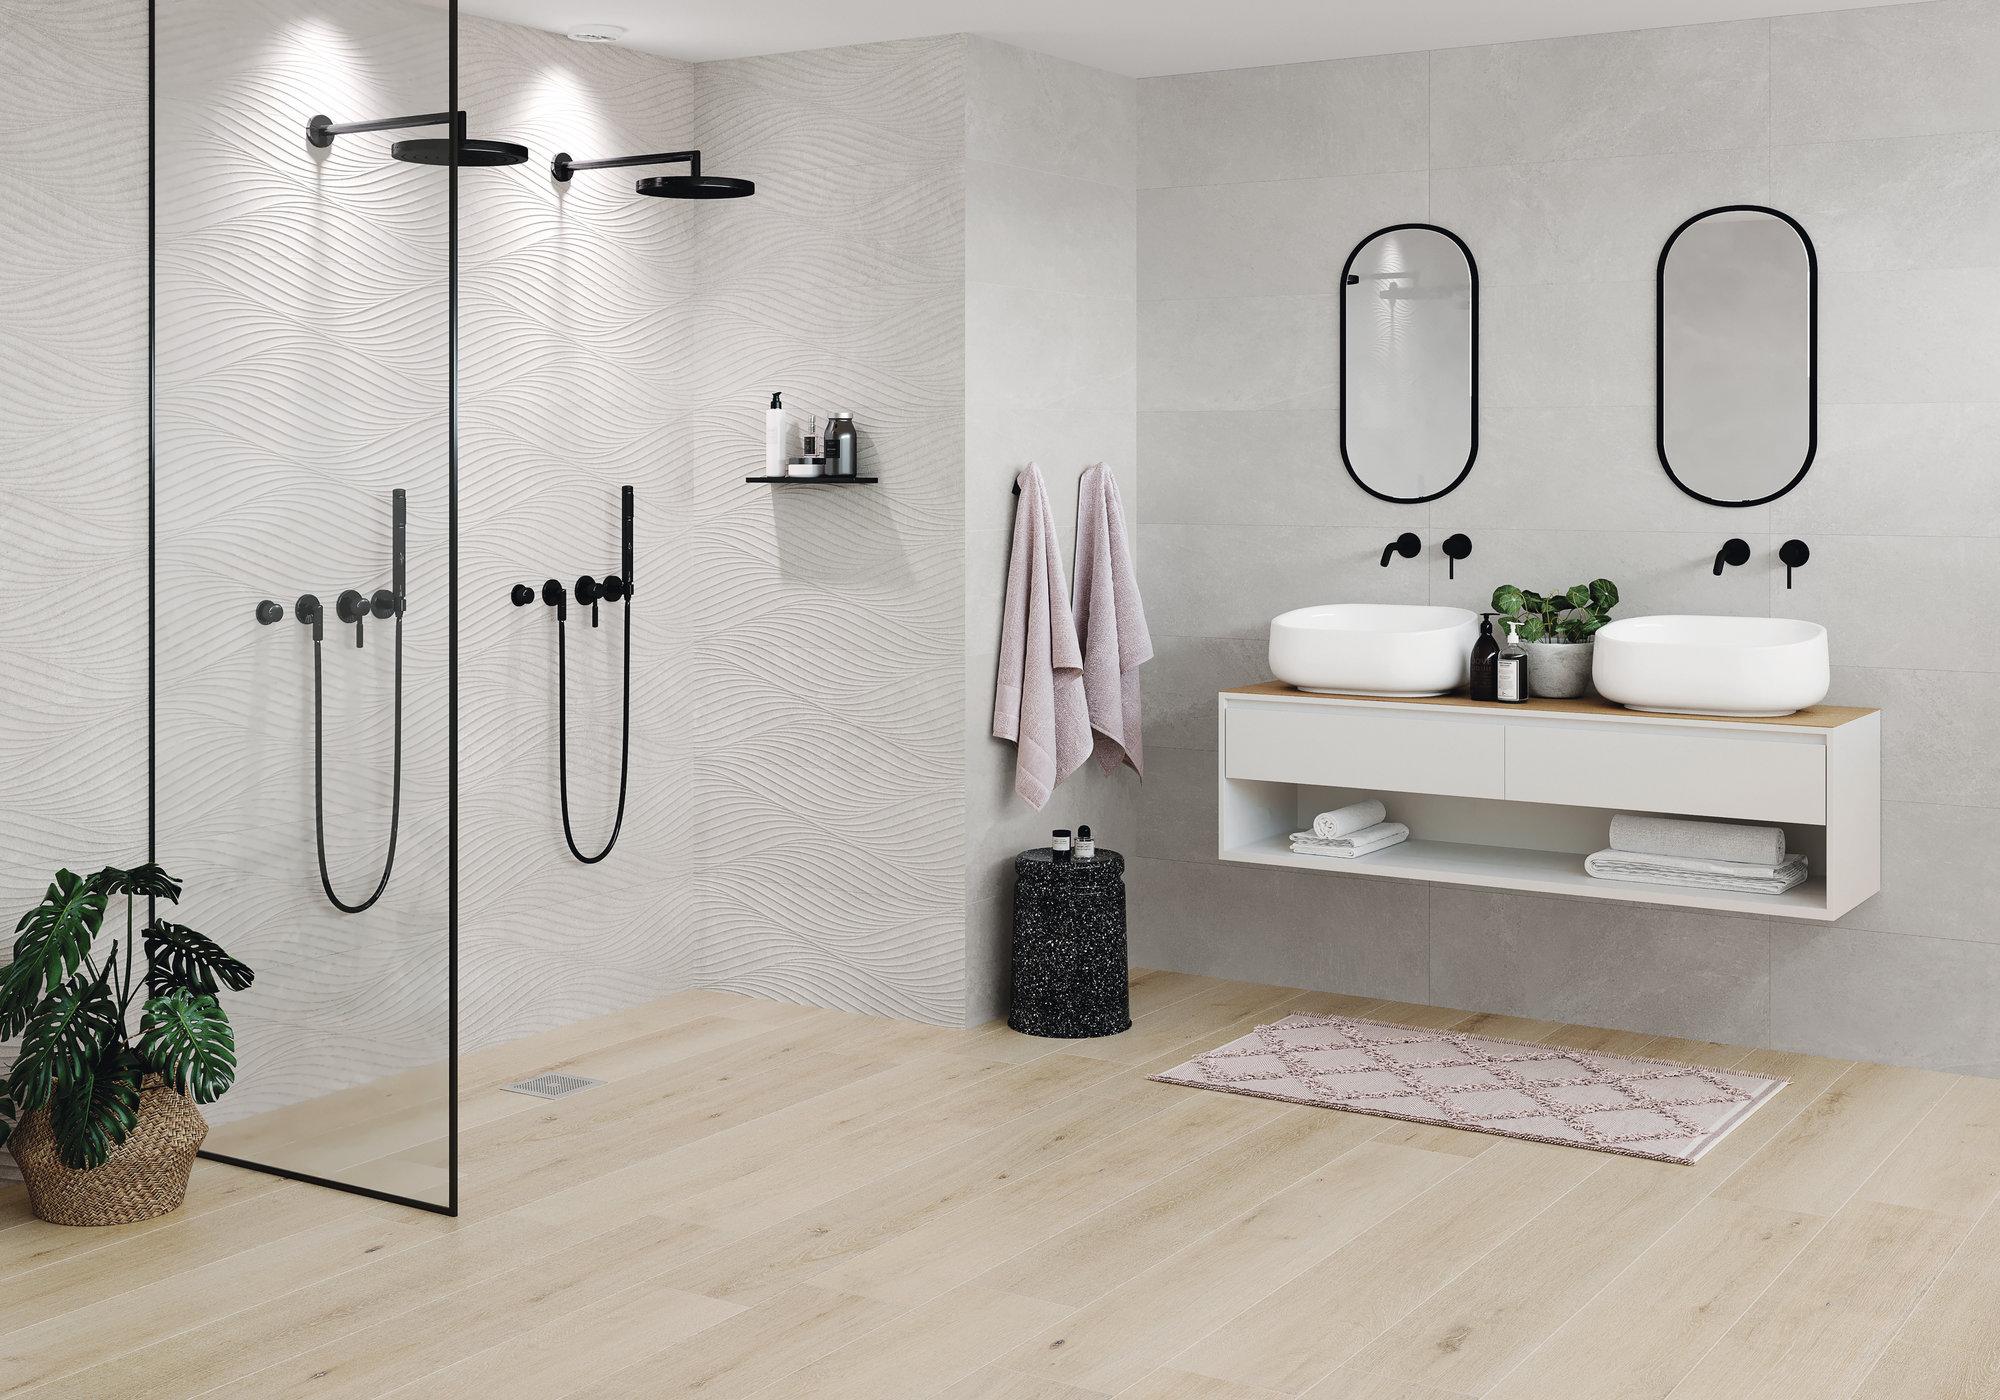 Łazienka z szafką wiszącą, dwoma umywalkami nablatowymi, dwoma prostokątnymi lustrami i czarnym prysznicem oraz płytkami Whistler Maple